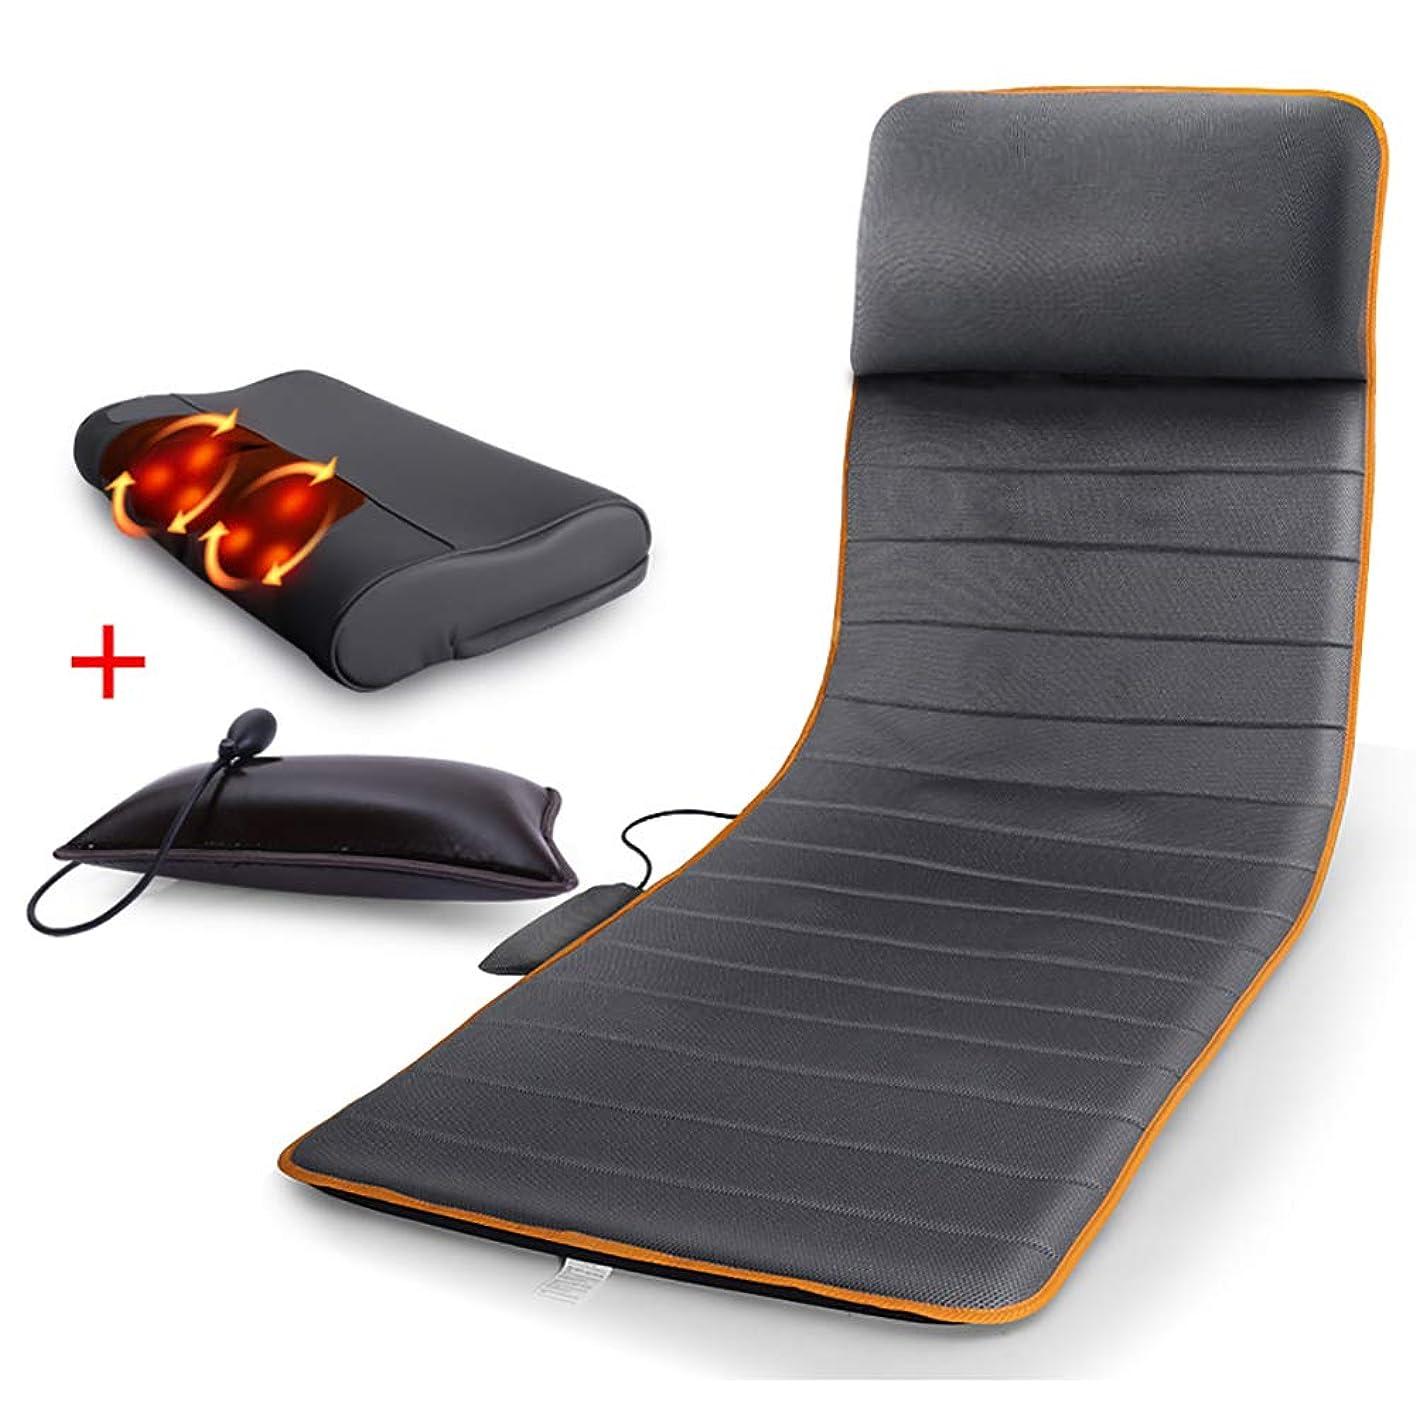 喜ぶグローブ純正多機能ボディ電気毛布ベッドマッサージシートクッション - 熱で背中のマッサージャー、フルバックの痛みを軽減、ホームオフィスの椅子のためのマッサージチェアパッド